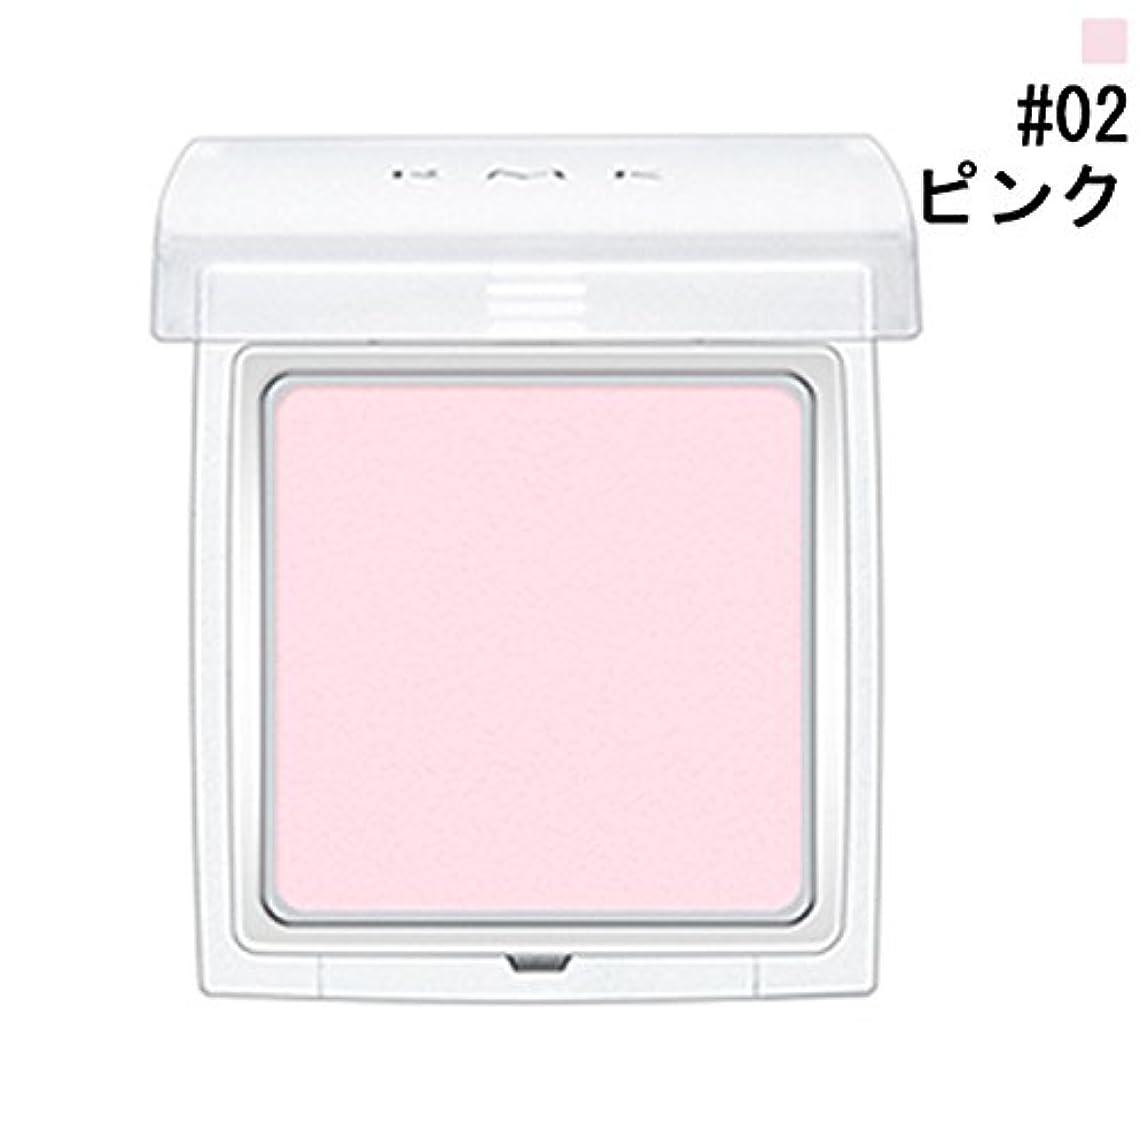 ペット死ぬ雑品【RMK (ルミコ)】インジーニアス アイシャドウベース N #02 ピンク 2.2g